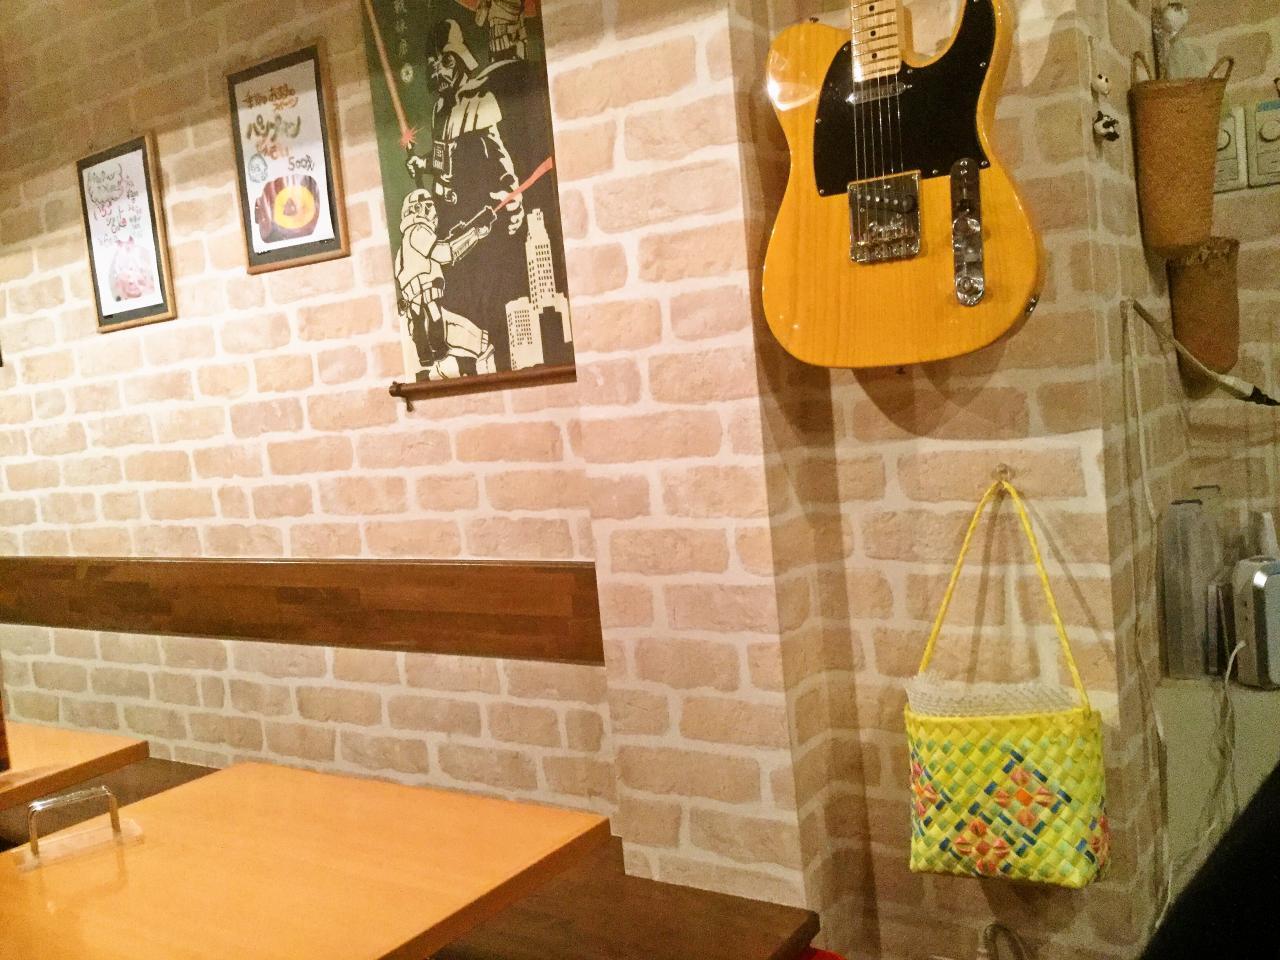 ご近所カフェ(店内)